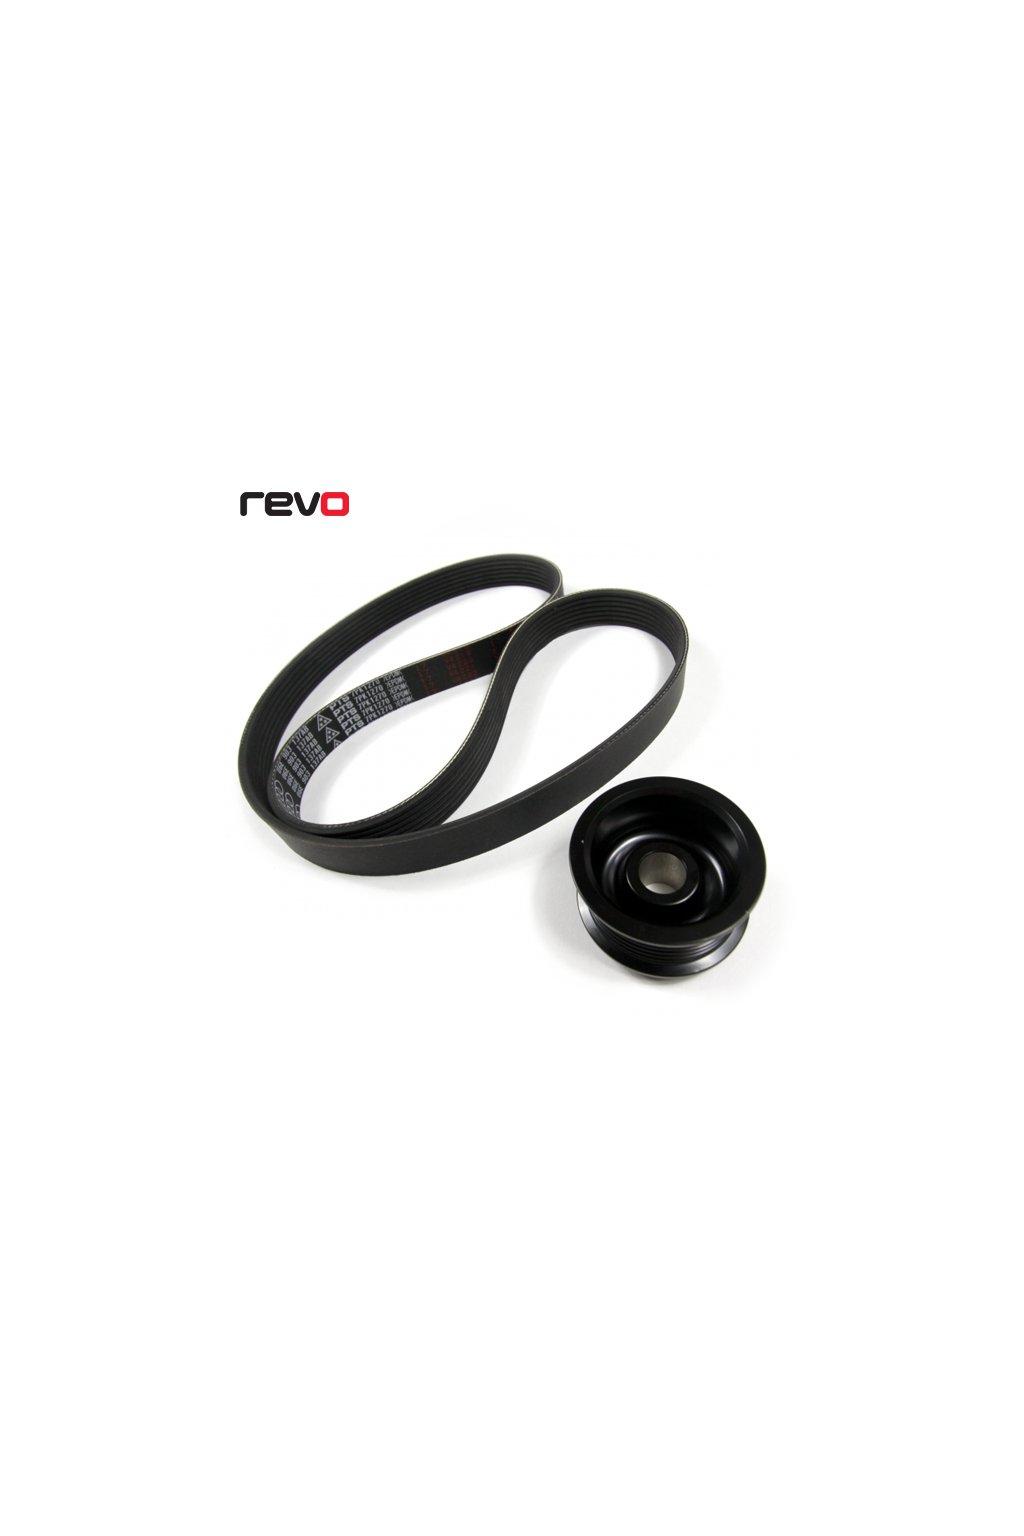 Revo Stage 1+ řemenice kompresoru Audi B8 3.0T včetně řemenu